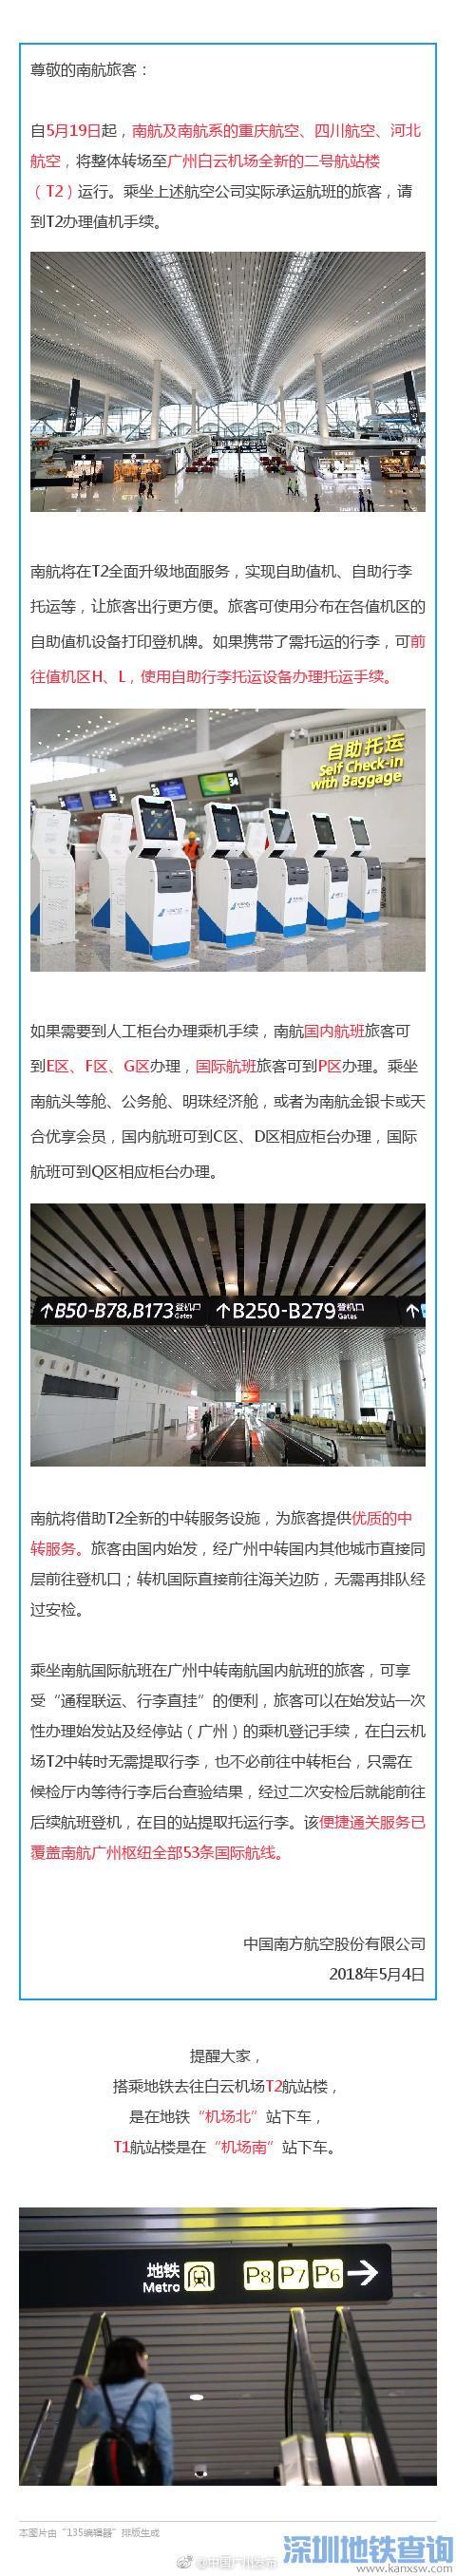 白云机场2018年5月19日起南航飞机转场至T2航站楼